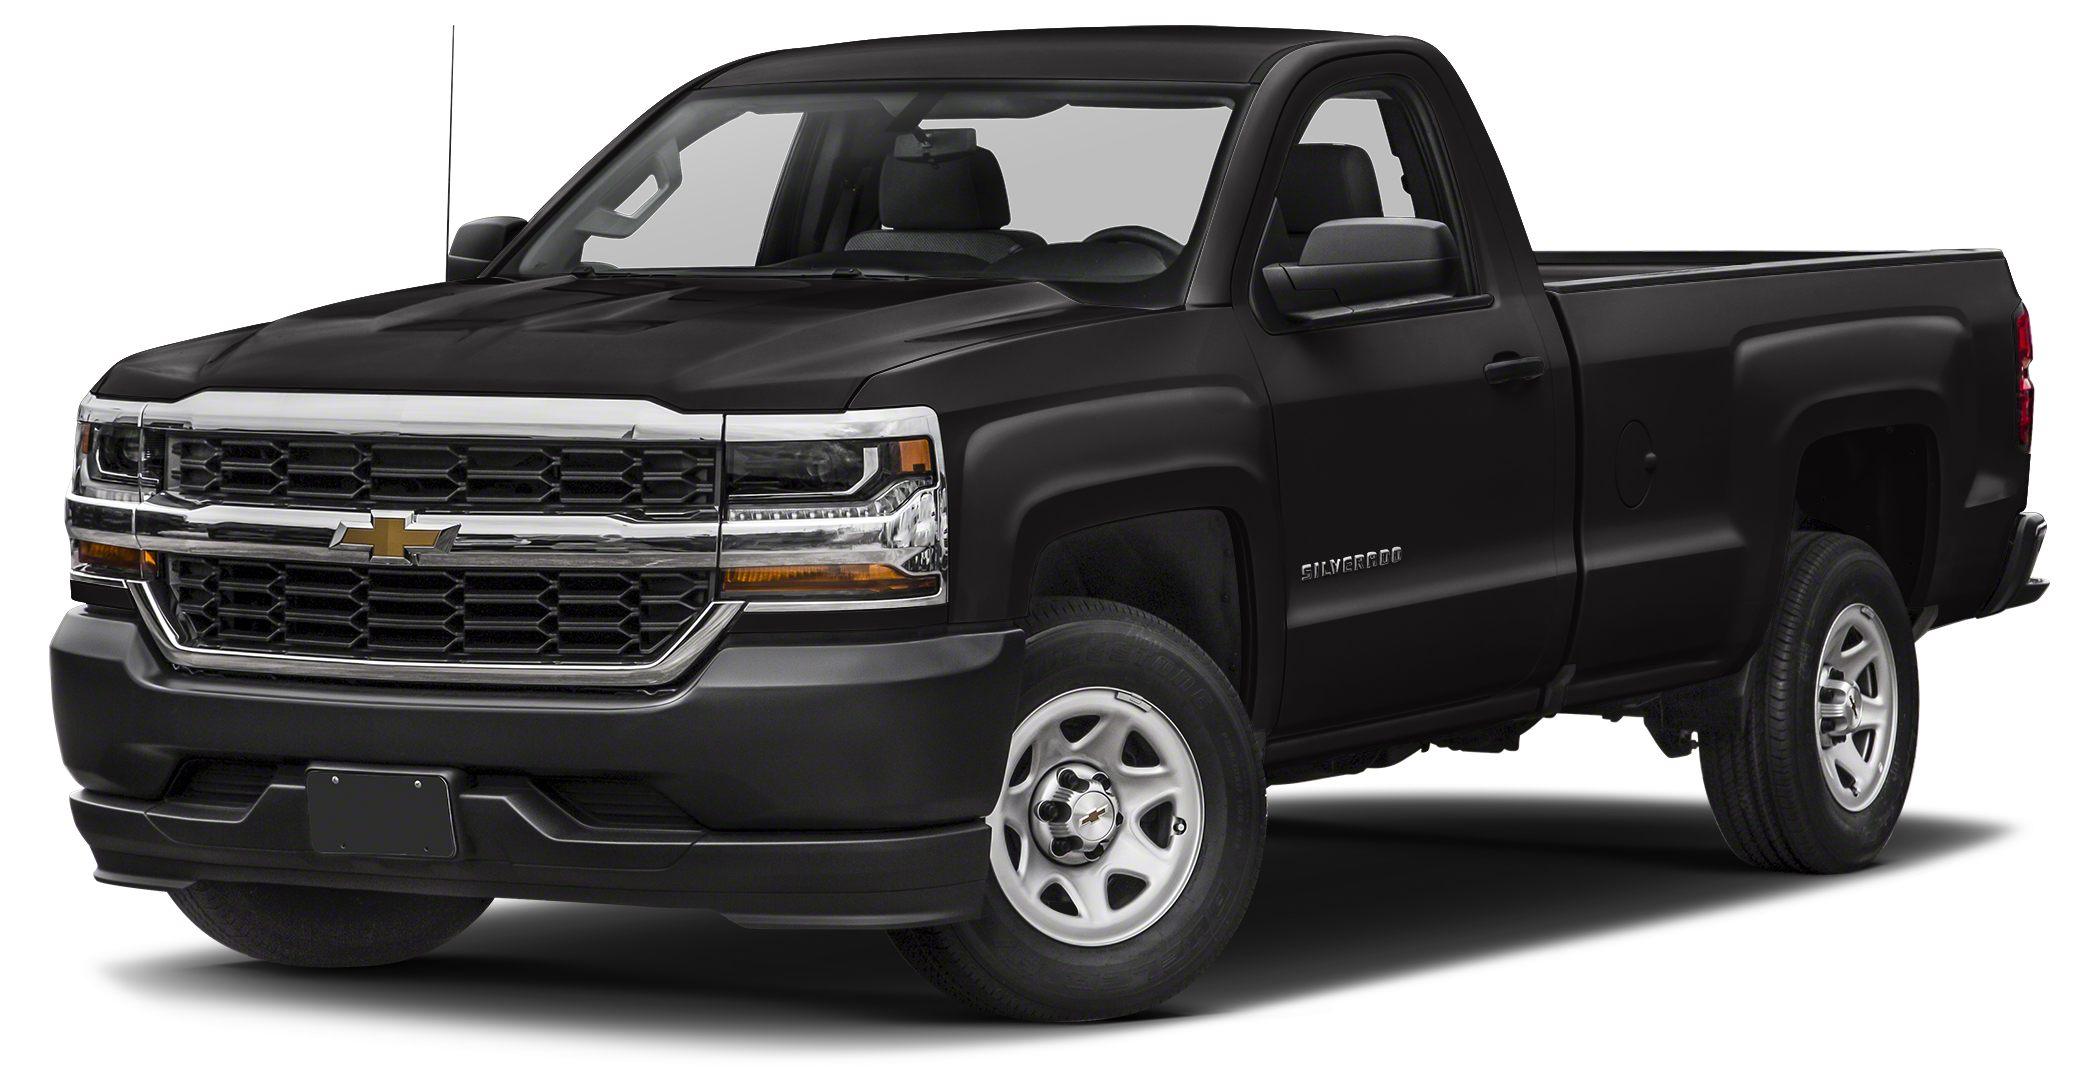 2017 Chevrolet Silverado 1500  Miles 5Color Black Stock 177626 VIN 1GCNCNEH2HZ394570